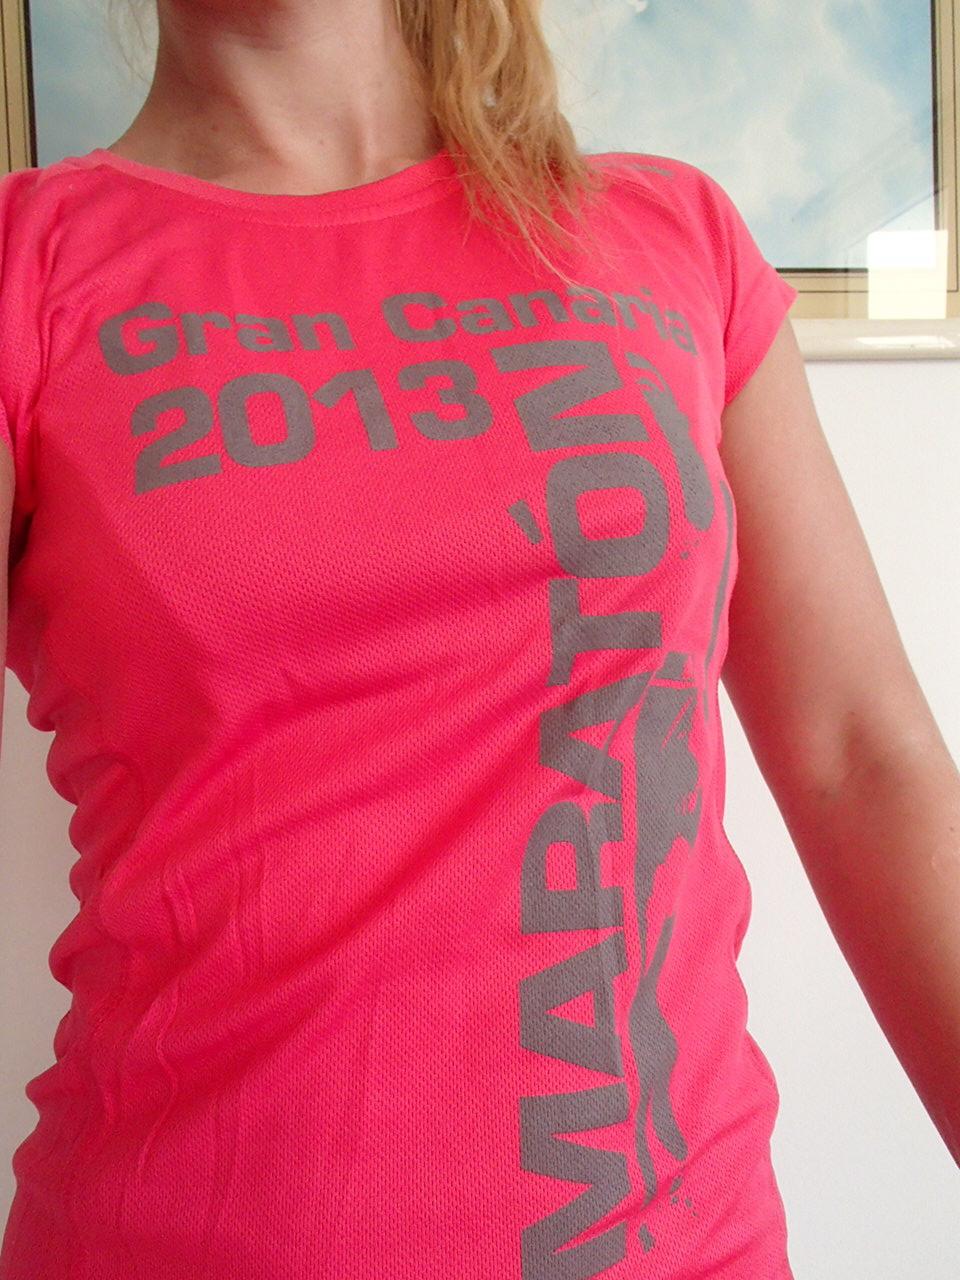 Miten valmistaudun maratonille?